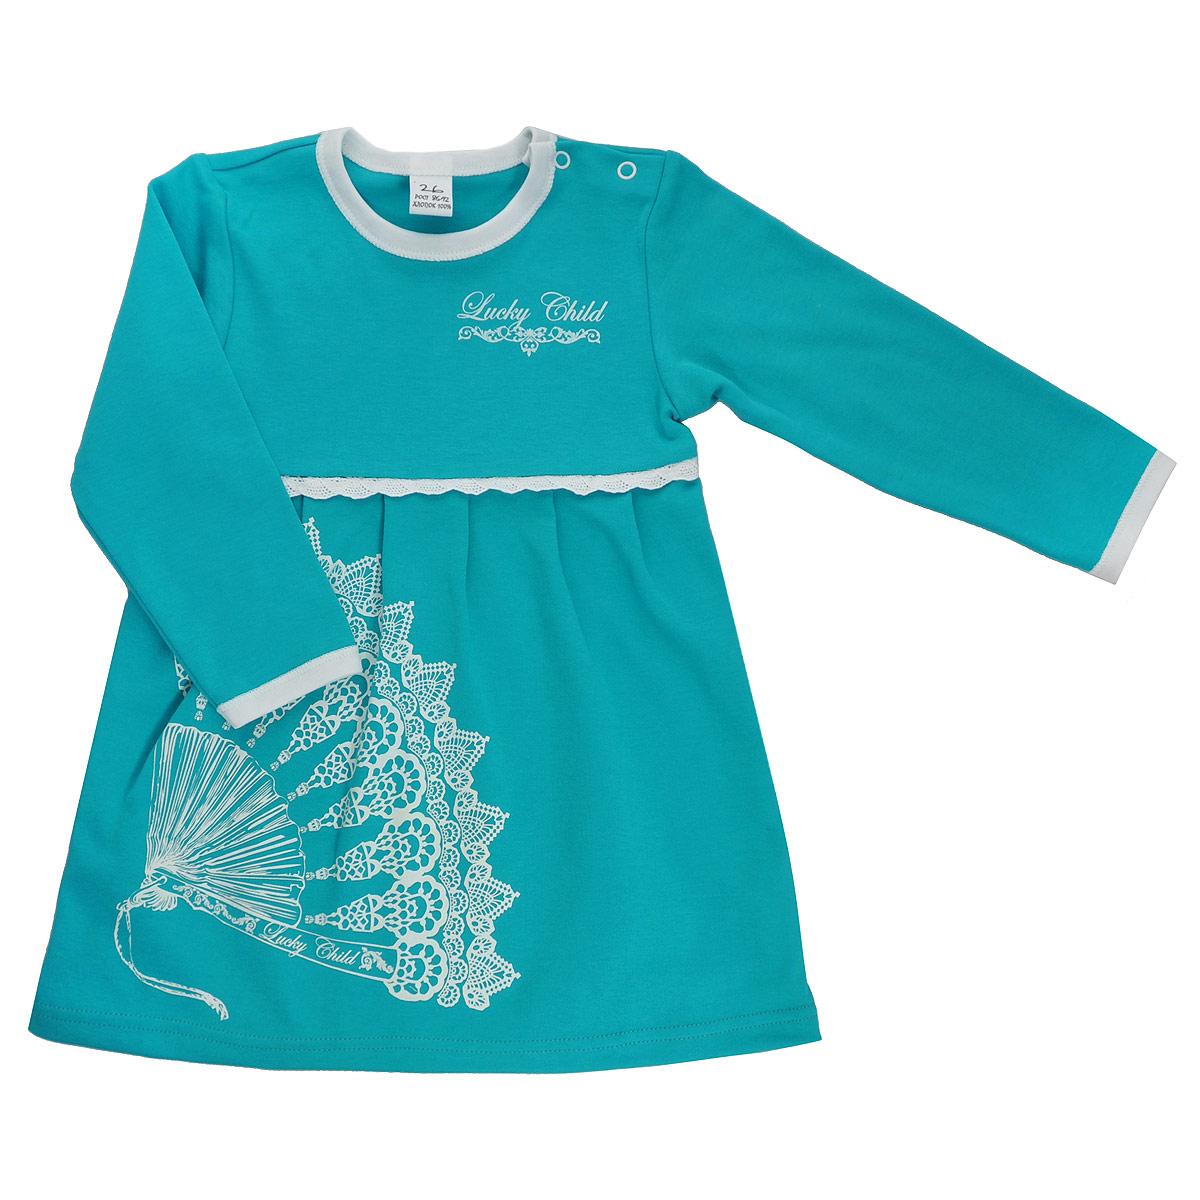 Платье для девочки Lucky Child Ретро, цвет: бирюзовый. 14-6. Размер 92/9814-6Платье для девочки Lucky Child Ретро послужит идеальным дополнением к гардеробу вашей малышки, обеспечивая ей наибольший комфорт. Изготовленное из натурального хлопка, оно необычайно мягкое и легкое, не раздражает нежную кожу ребенка и хорошо вентилируется, а эластичные швы приятны телу ребенка и не препятствуют его движениям. Платье с длинными рукавами и круглым врезом горловины имеет кнопки по плечу, которые позволяют без труда переодеть малышку. Спереди оно оформлено оригинальным принтом с изображением веера в стиле ретро. Платье полностью соответствует особенностям жизни ребенка в ранний период, не стесняя и не ограничивая его в движениях.